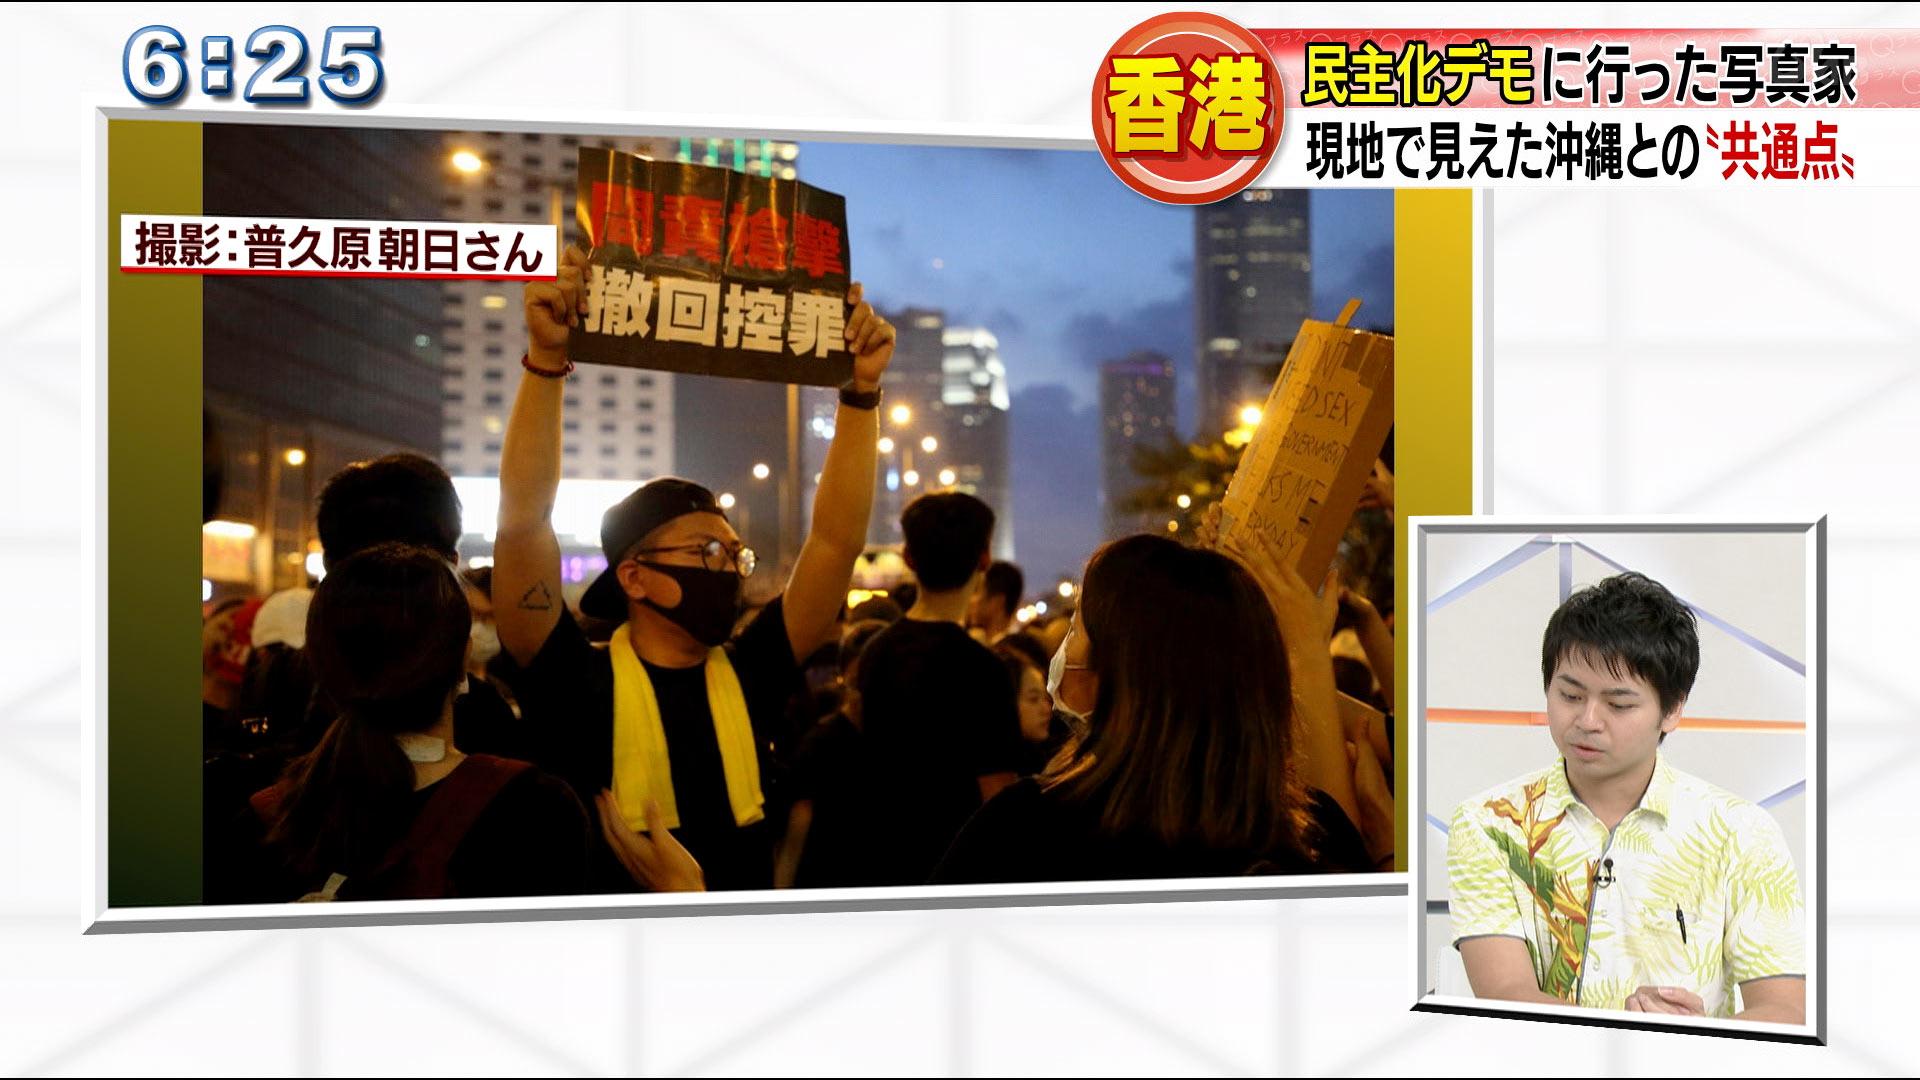 激動の香港とデモの現場から見えてきた沖縄との共通点など伺っていきます。